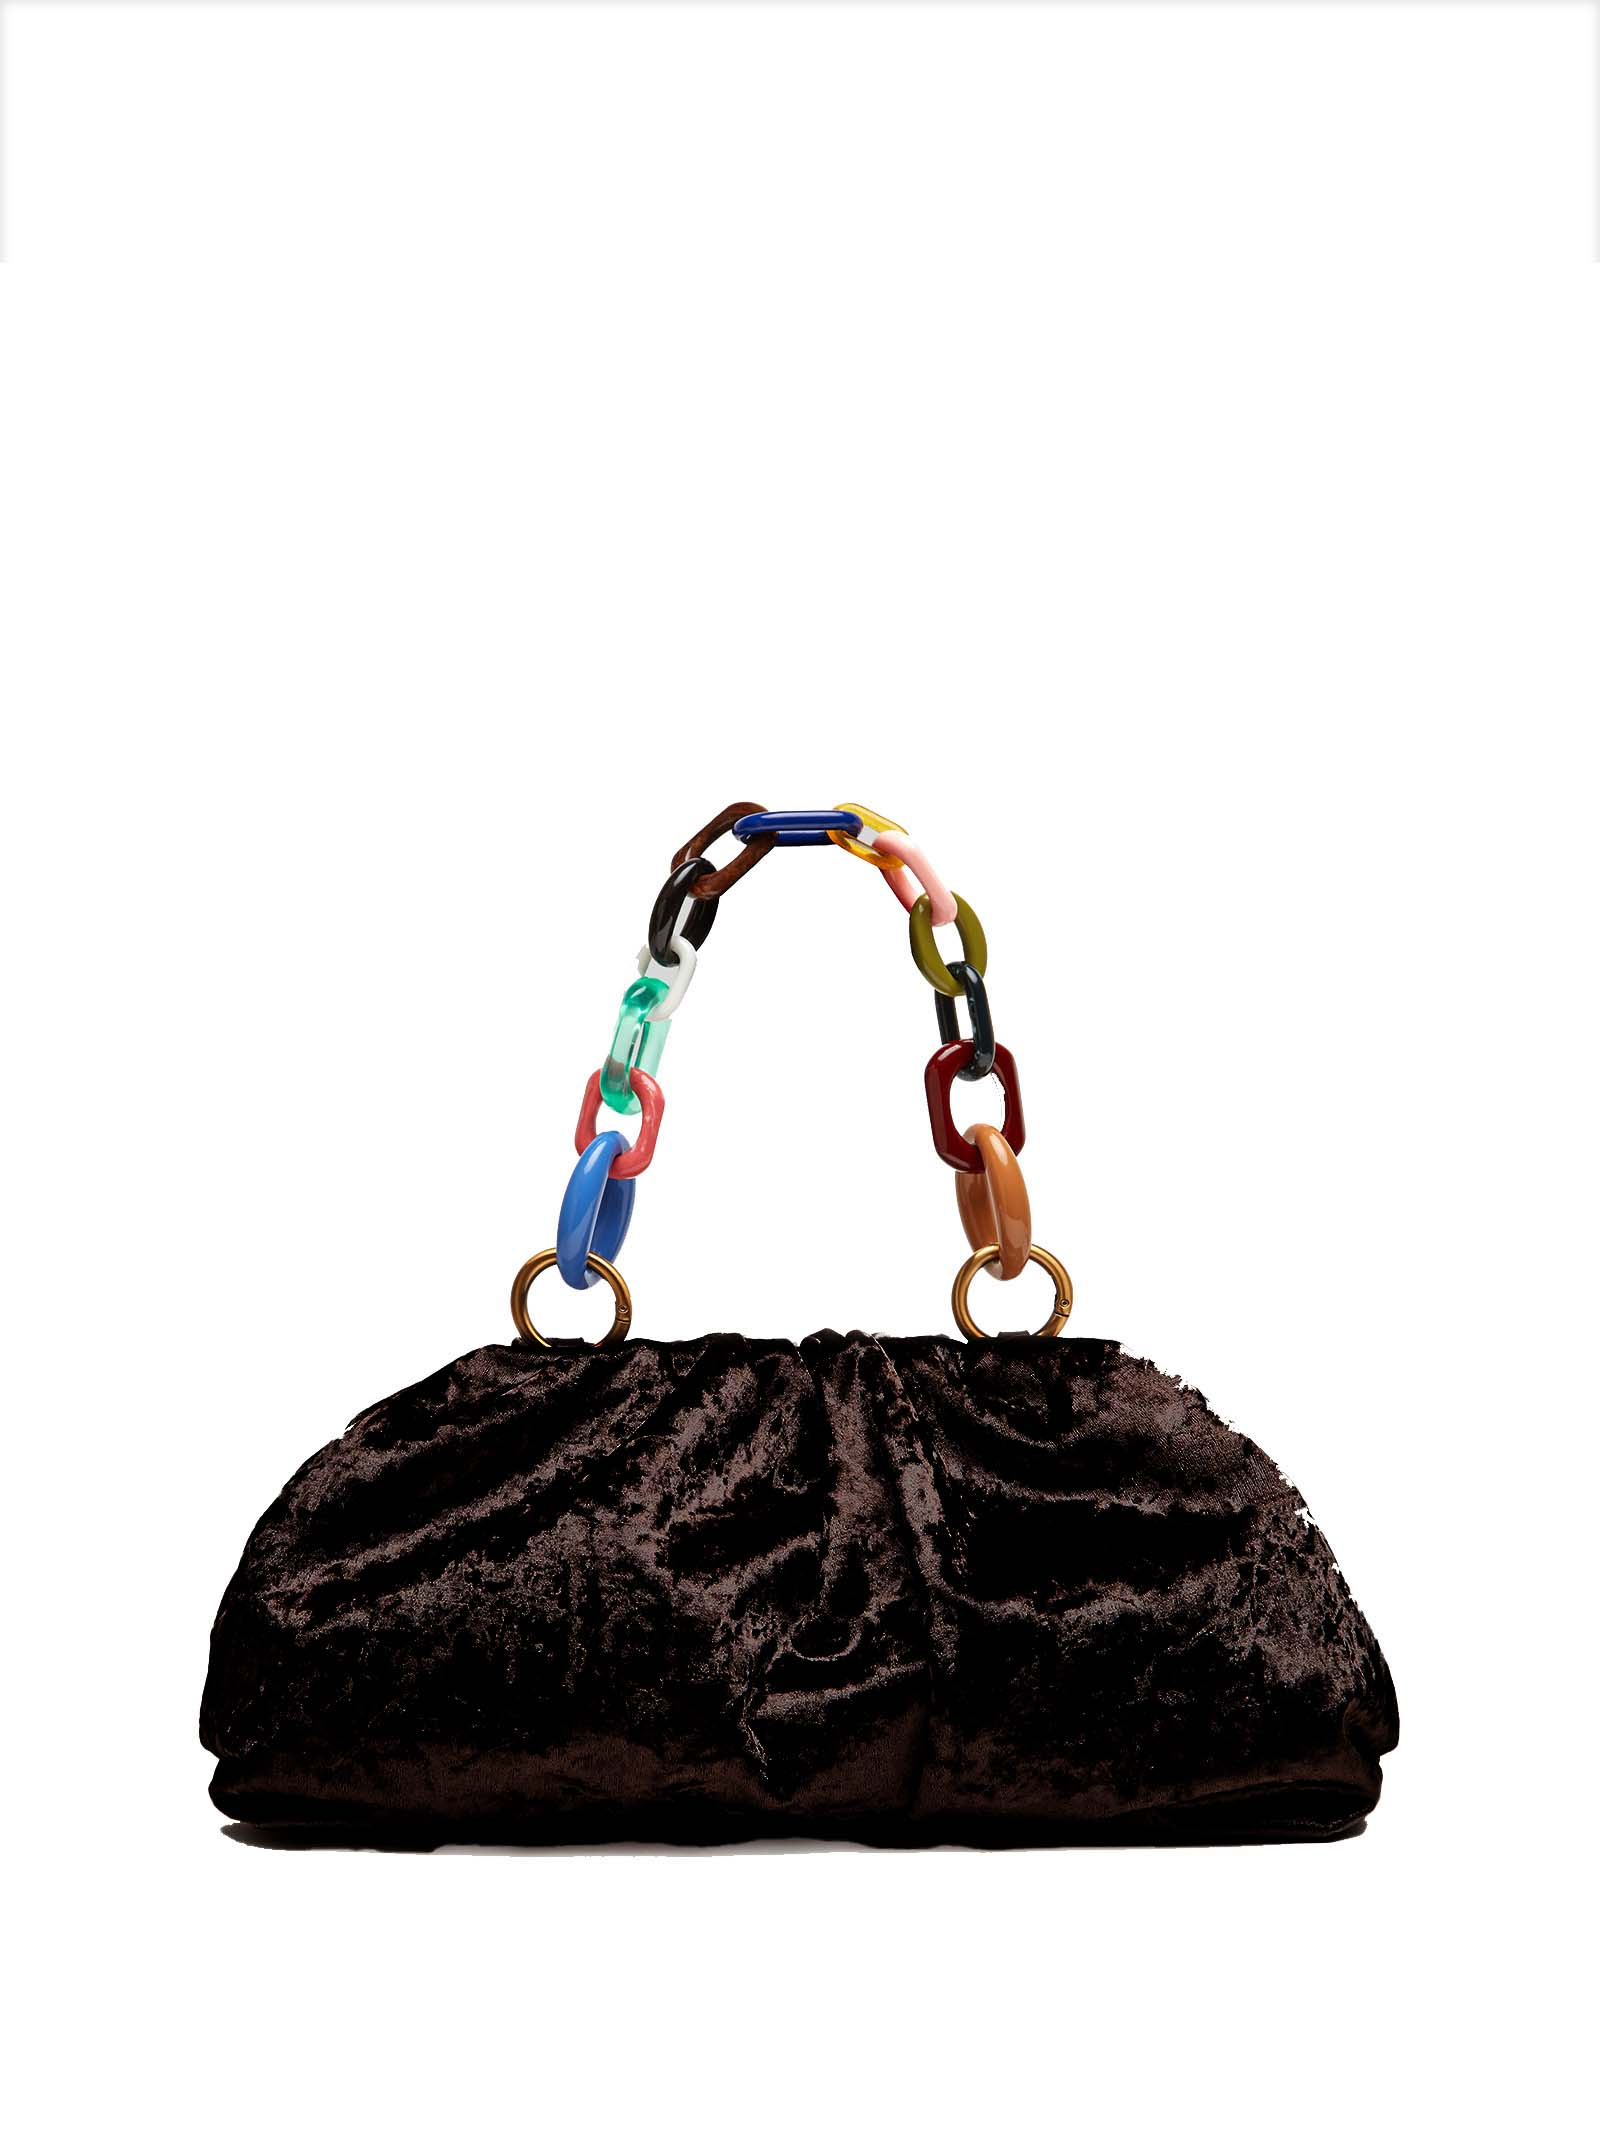 Borsa Donna Pochette Velvet Grunge in Velluto Moiré Nero con Manico a Catena Multicolore Maliparmi | Borse e zaini | BM01606103020000